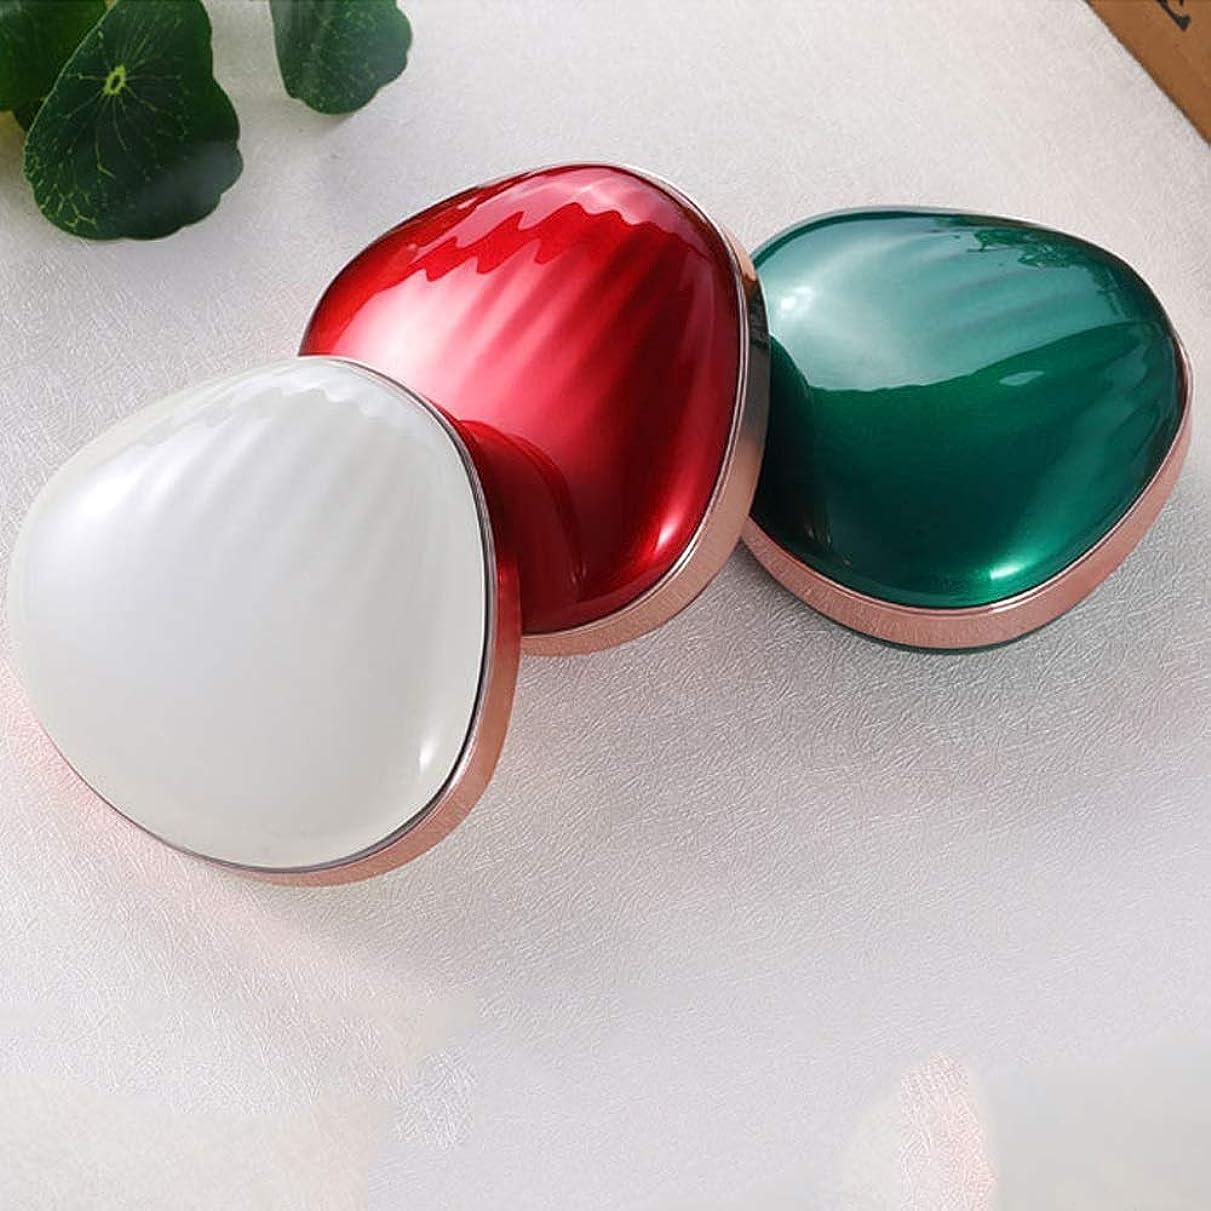 大洪水トチの実の木安息流行の 新しいクリエイティブLEDソフトアイメイクミラー多機能塗りつぶし充電宝メイクアップミラー美容ミラーABSアルミ3レッドブルーホワイト (色 : Green)